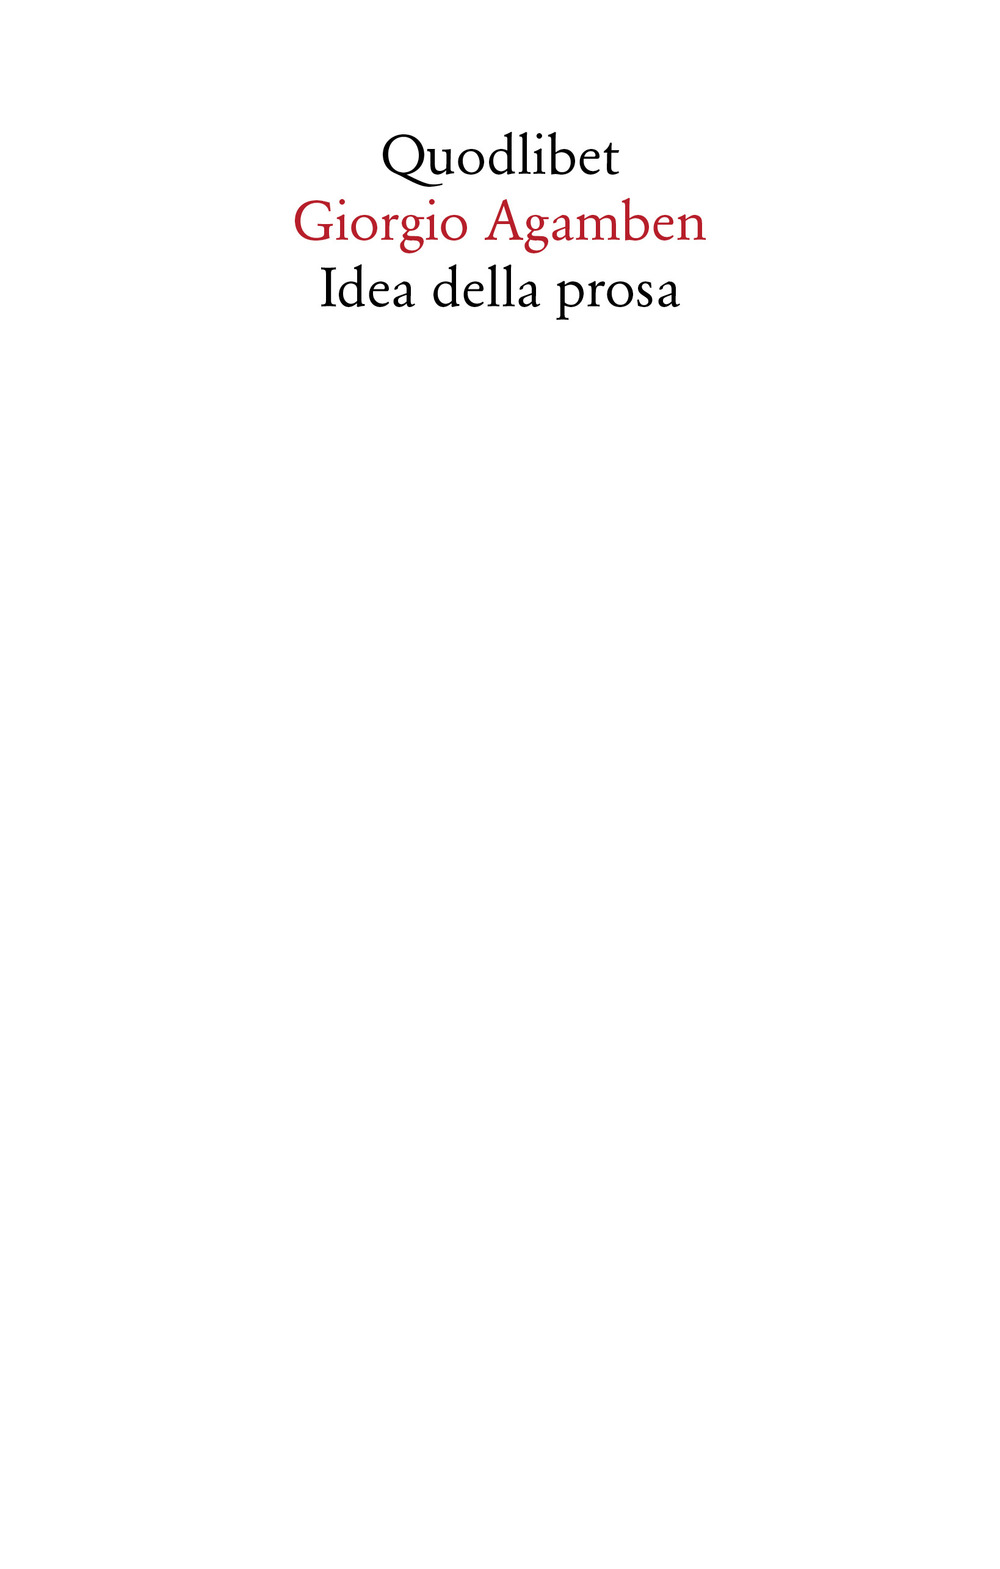 IDEA DELLA PROSA - Agamben Giorgio - 9788822904836